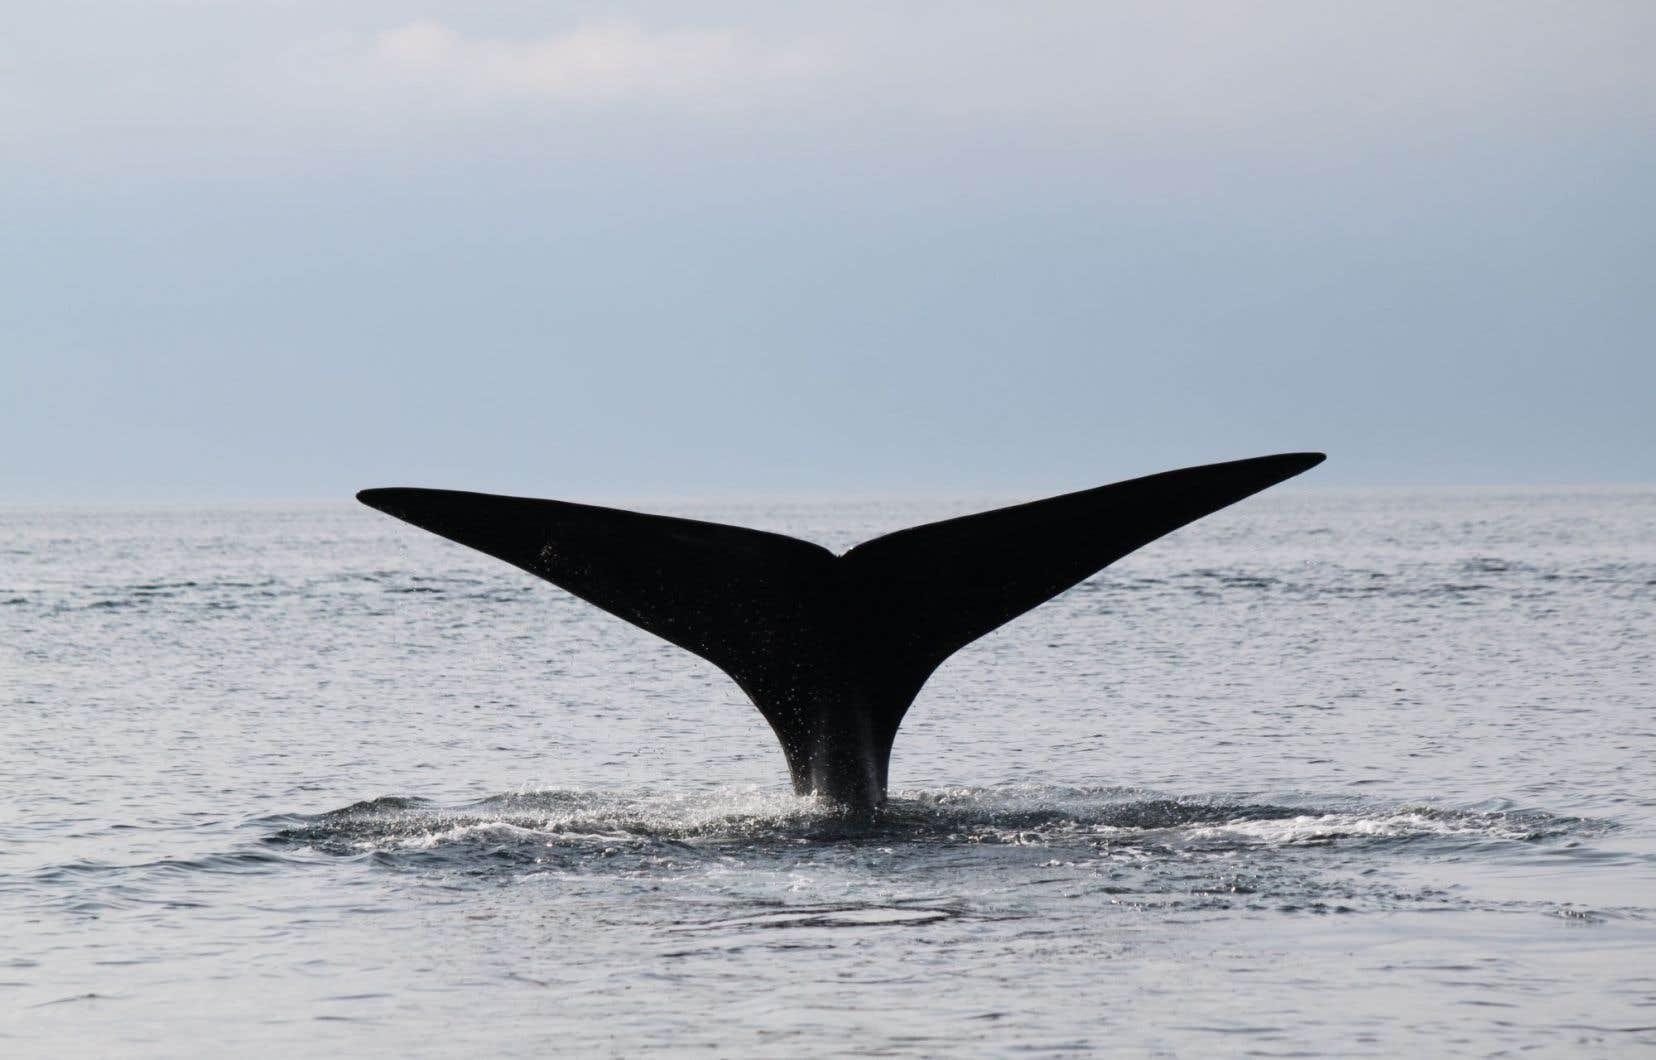 Pêches et Océans Canada a confirmé que les interventions pour libérer des baleines noires empêtrées dans des engins de pêche sont suspendues pour une durée indéterminée.